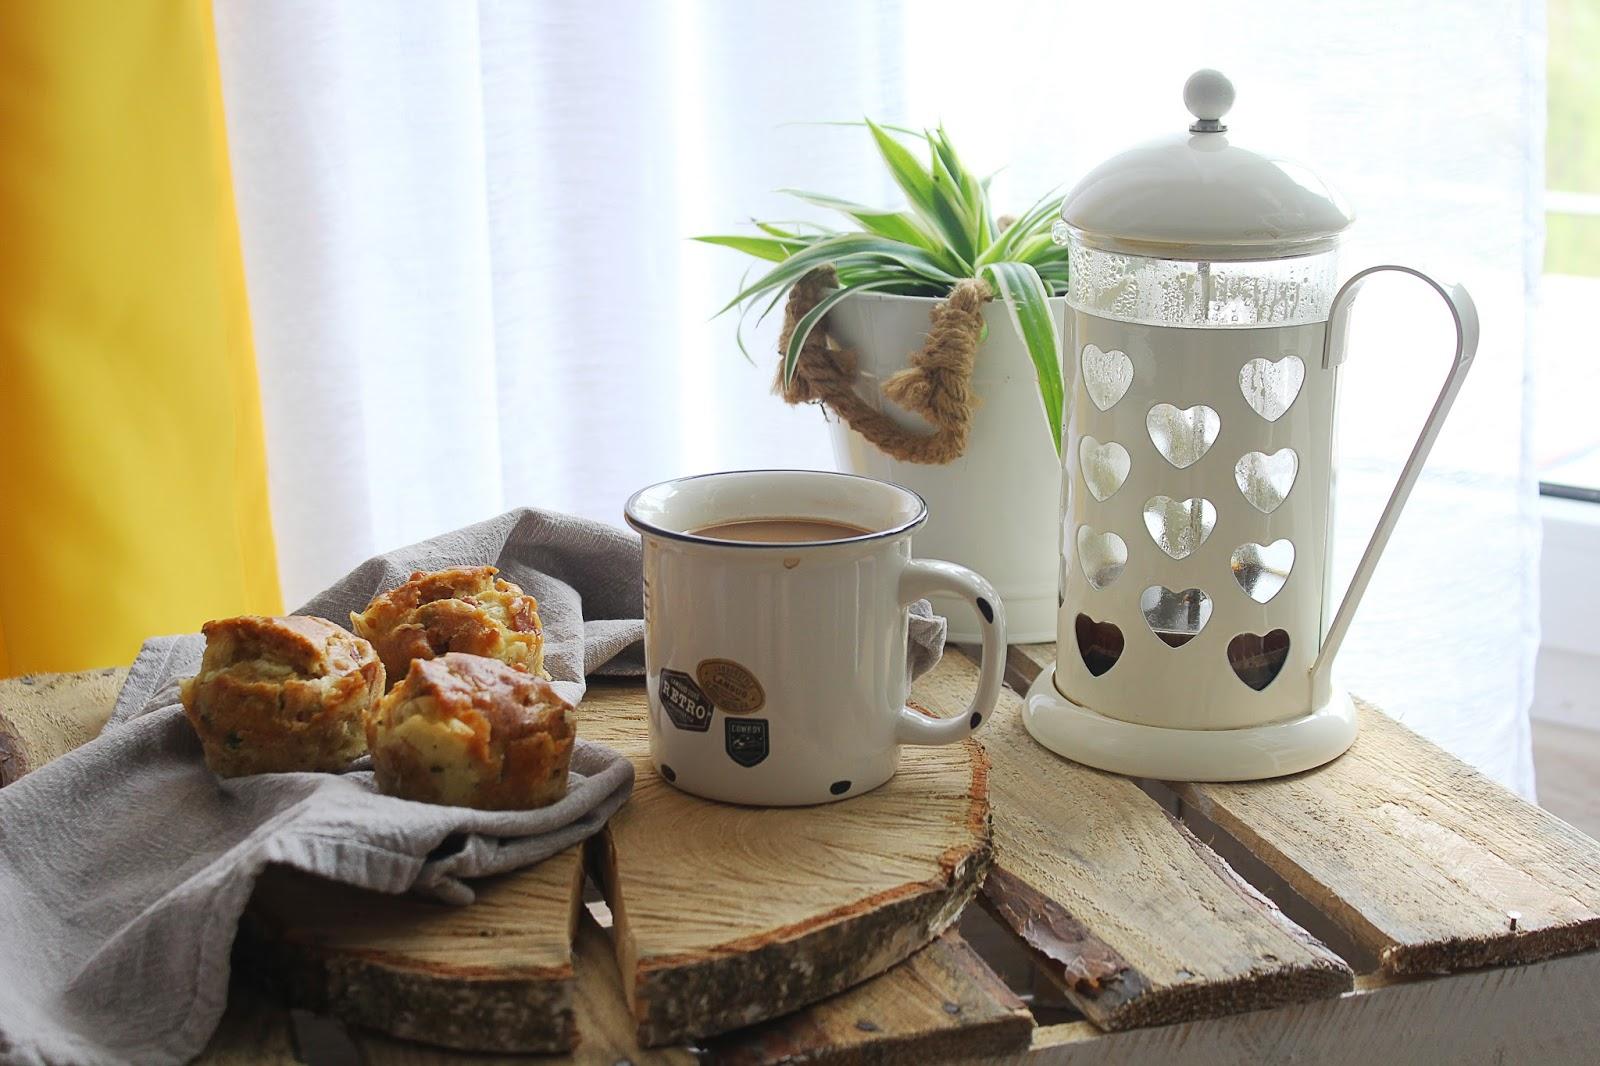 Wytrawne muffiny z szynką, serem i szczypiorkiem | Prosty sposób na pyszne śniadanie